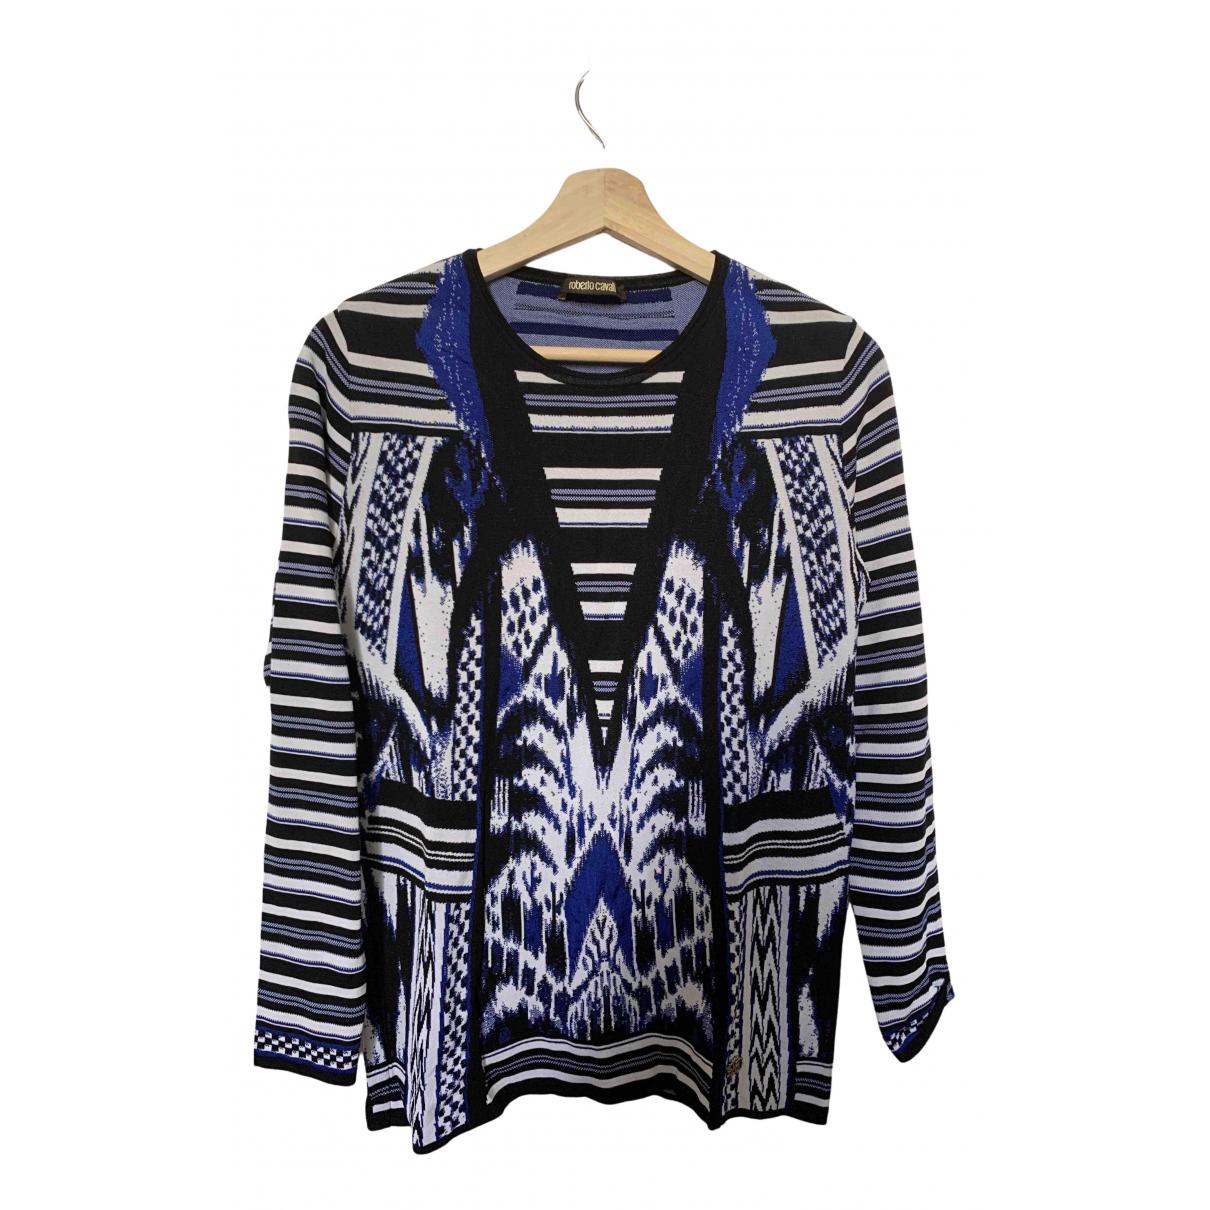 Roberto Cavalli N Blue Knitwear for Women 40 FR